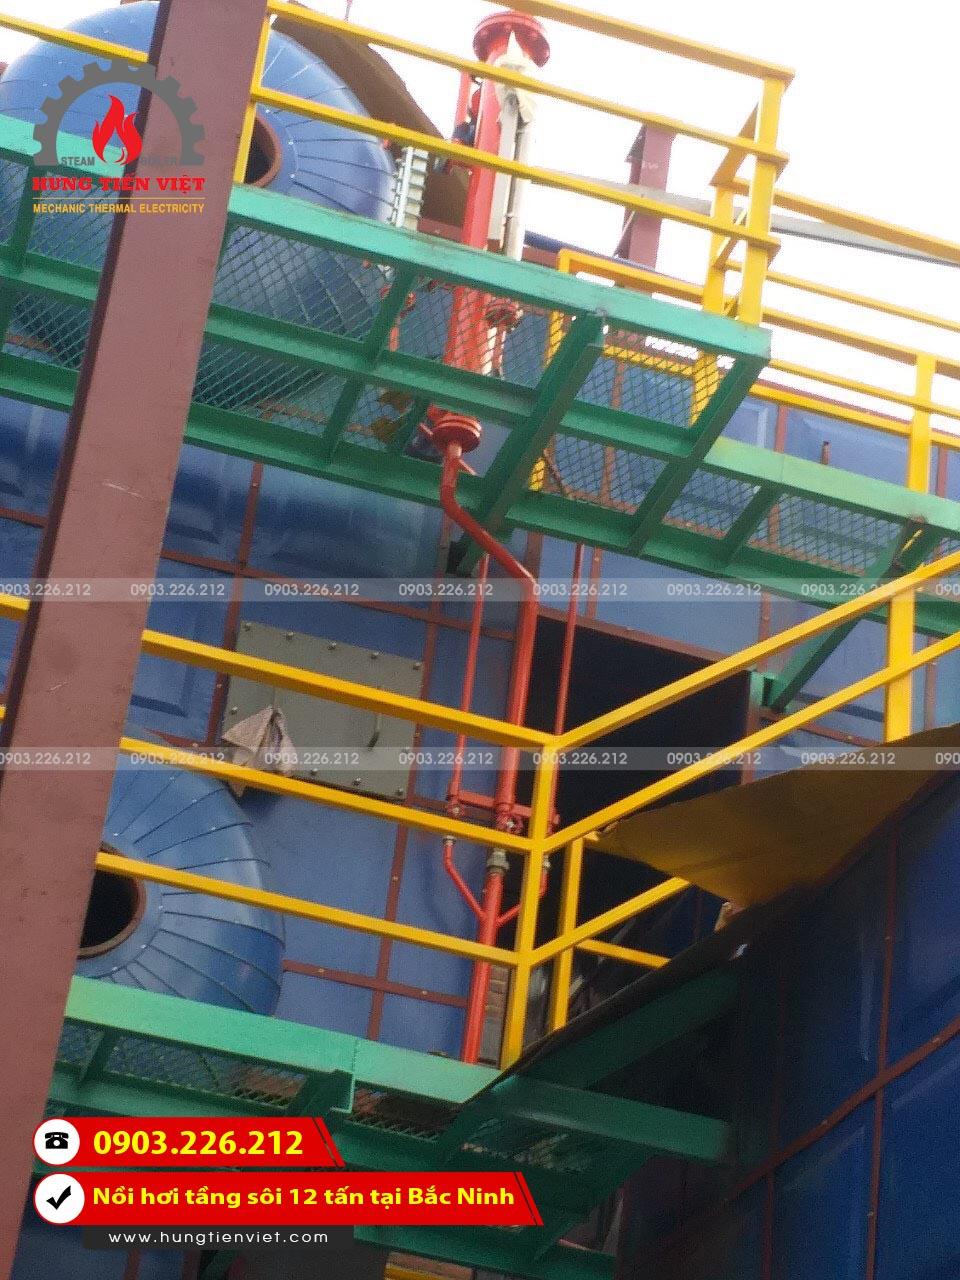 Hưng Tiến Việt - Triển khai thiết kế - chế tạo và lắp đặt nồi hơi tầng sôi cho Công ty Cổ Phần Tiến Thành tại KCN Quế Võ, Bắc Ninh. ☎ 0903.226.212 #noihoitangsoi #lohoitangsoi #noihoi #lohoi